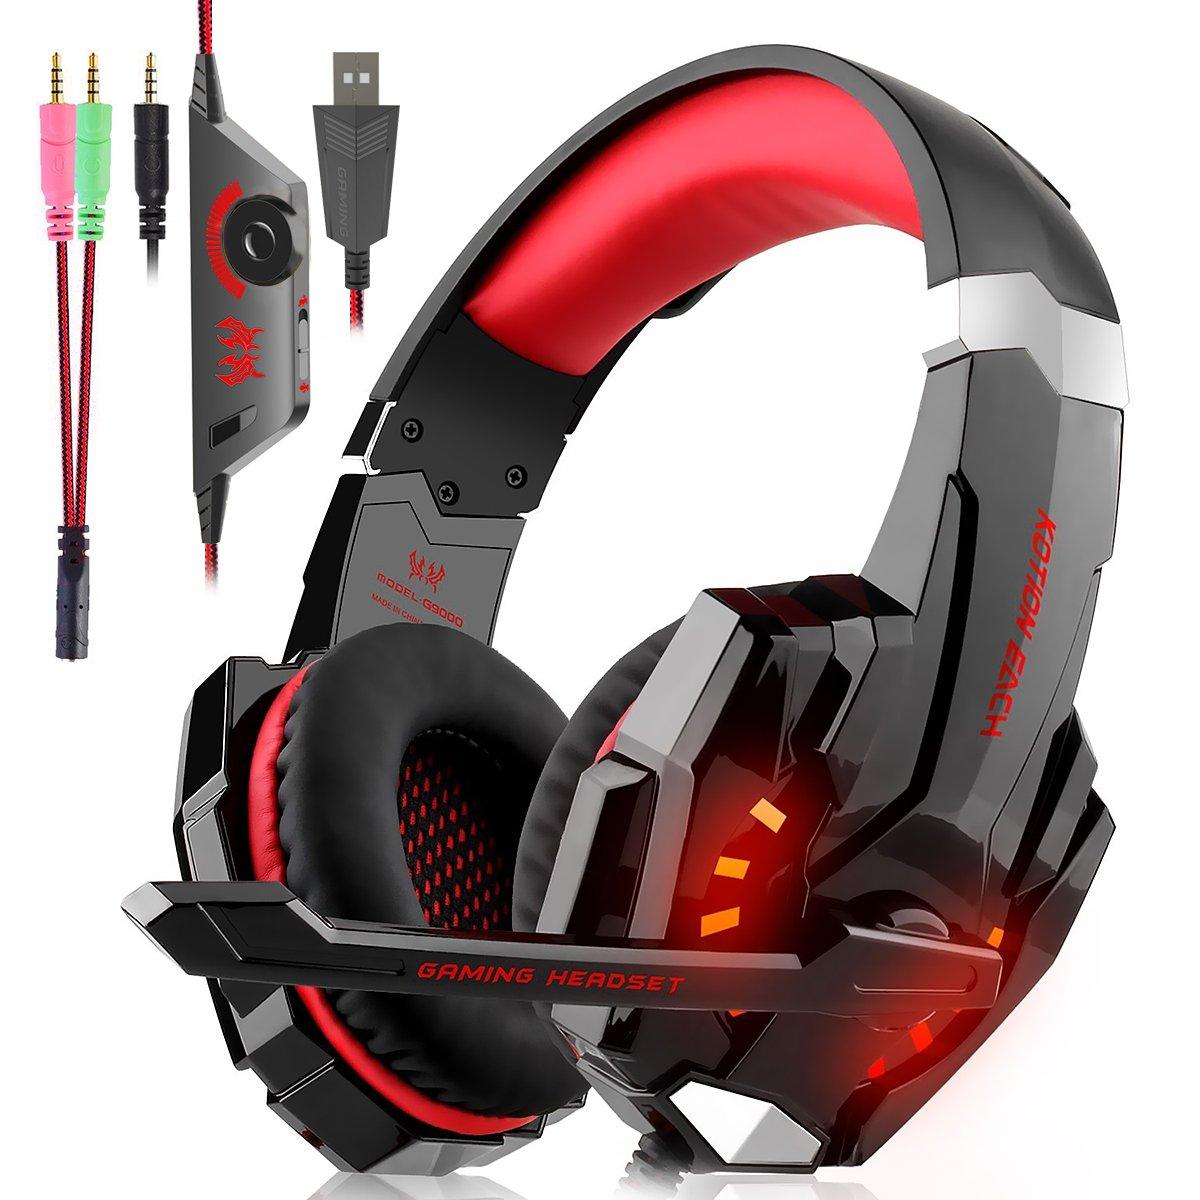 Auriculares Cascos Gaming Con Cable - Micró fono con Reducció n de Sonido y Control de Volumen Gaming Headset con Conector jack 3.5mm y Luces led,Vá lidos para XBox One, PS4 Válidos para XBox One GLAMSVILL